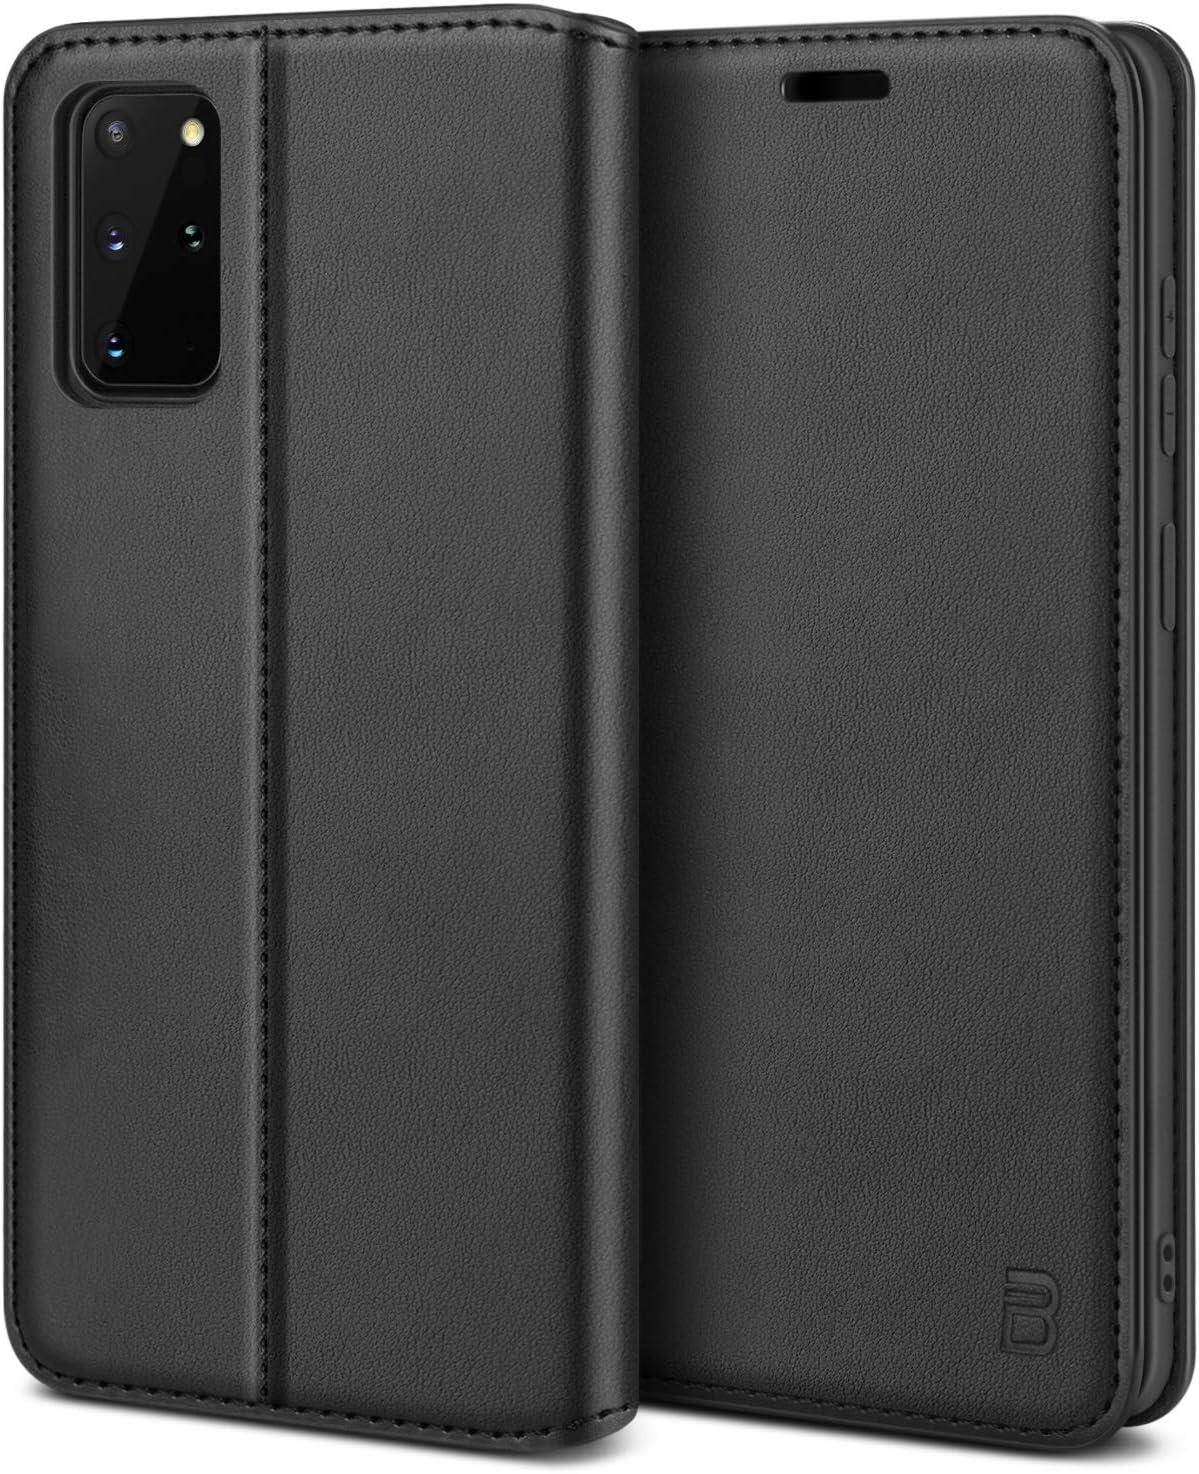 BEZ Funda Samsung S20 Plus, Carcasa Compatible para Samsung Galaxy S20 Plus Libro de Cuero con Tapa y Cartera, Cover Protectora con Ranura para Tarjetas y Billetera, Cierre Magnético, Negro